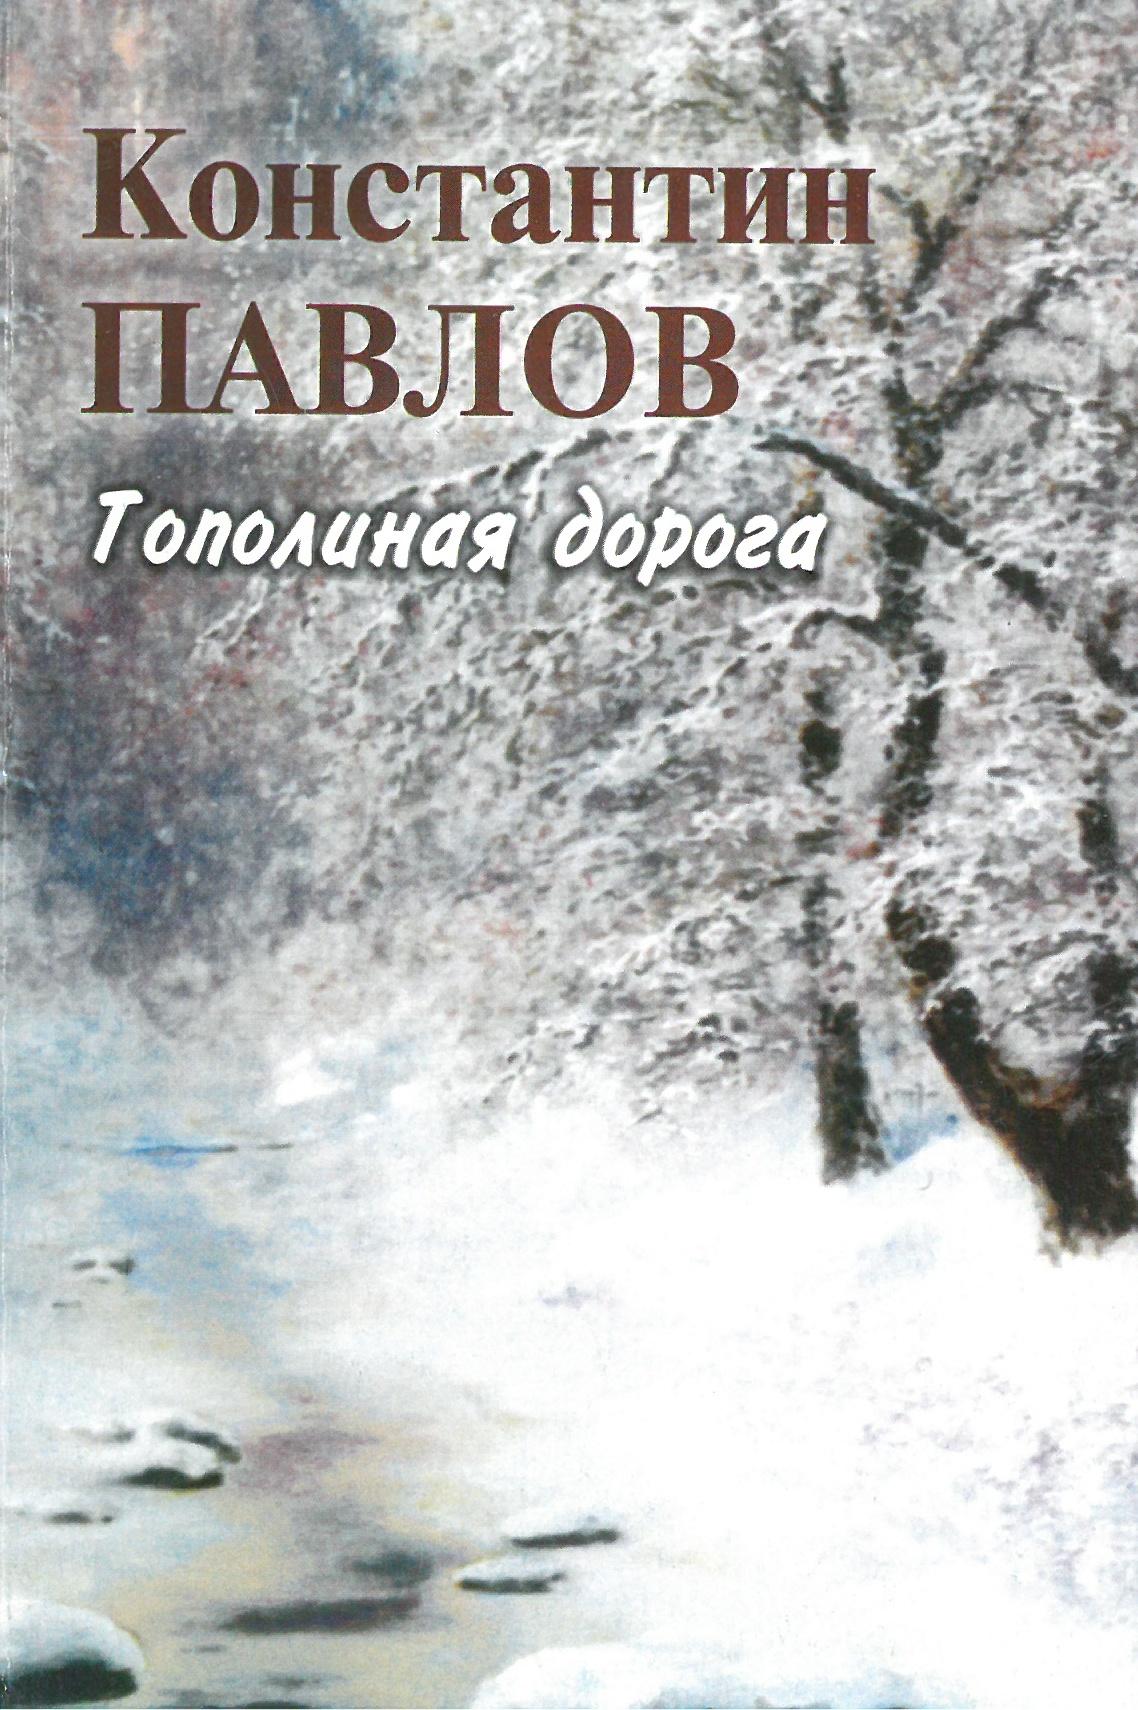 Константин Павлов - Сборник стихов Тополиная дорога (2005 год)